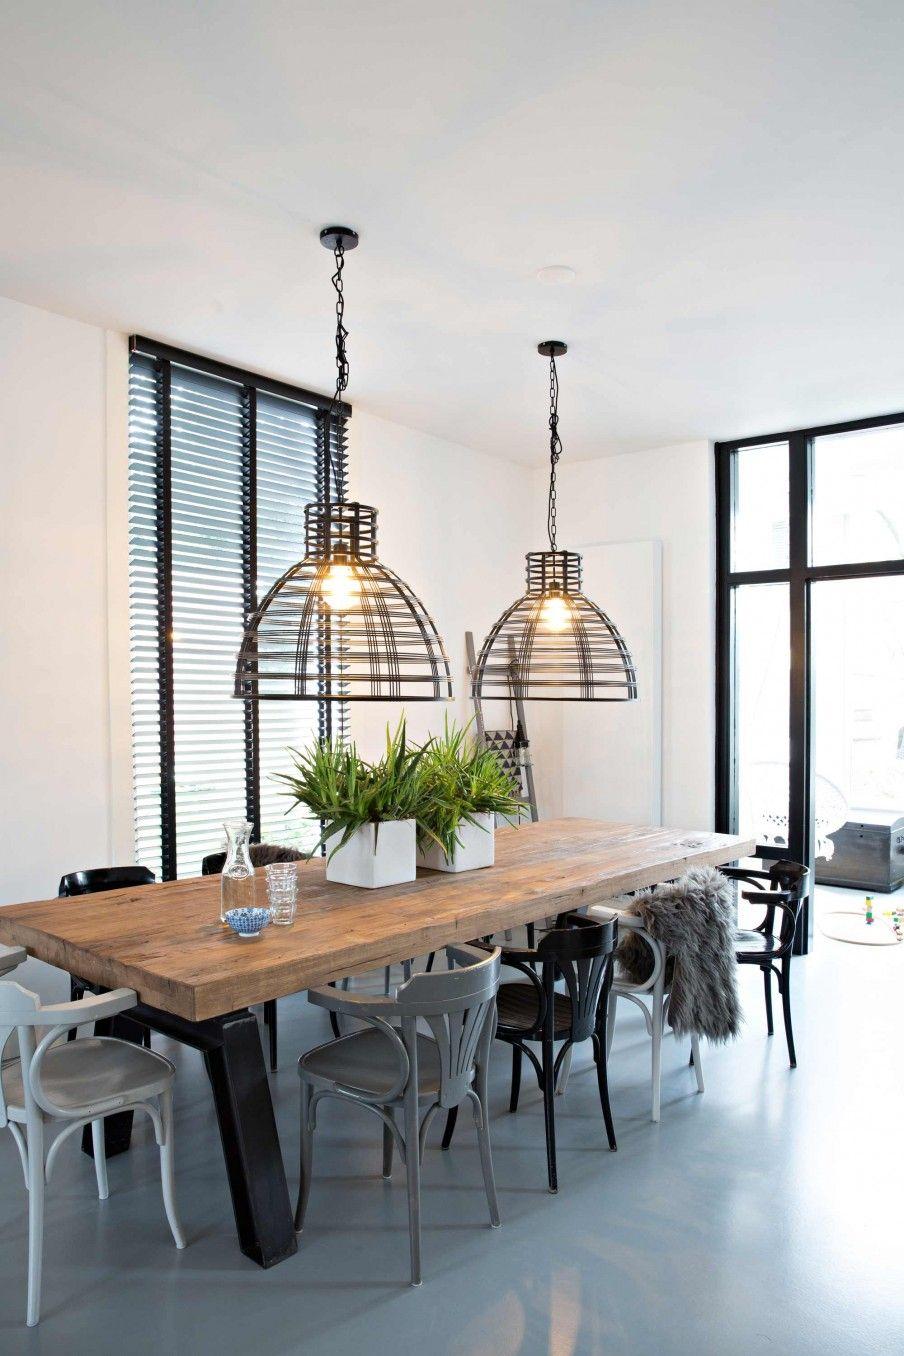 Houten eettafel met industrile lampen  Wooden dining